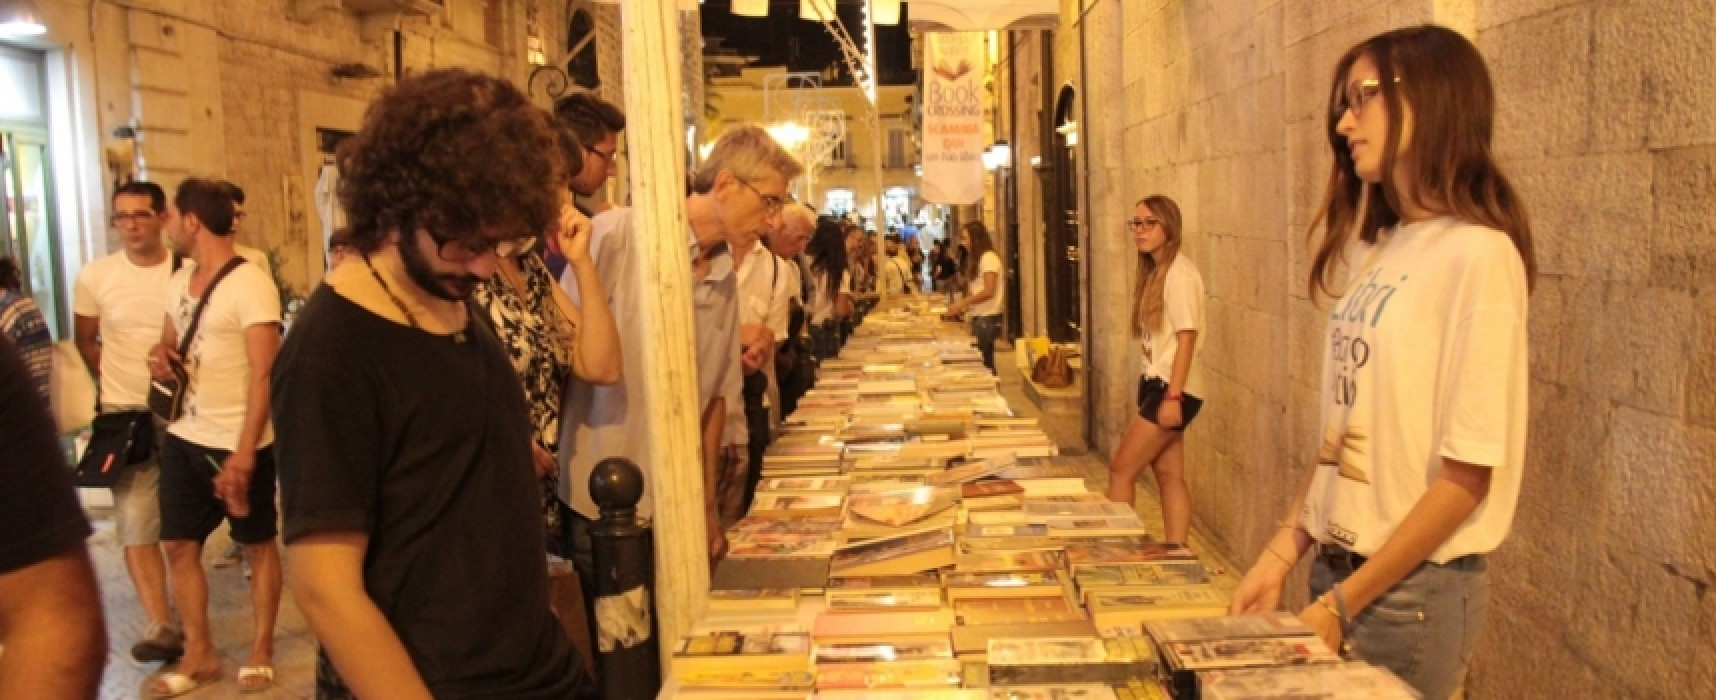 """Cultura e solidarietà: """"Libri nel Borgo Antico"""" 2015 si fa laboratorio d'integrazione"""